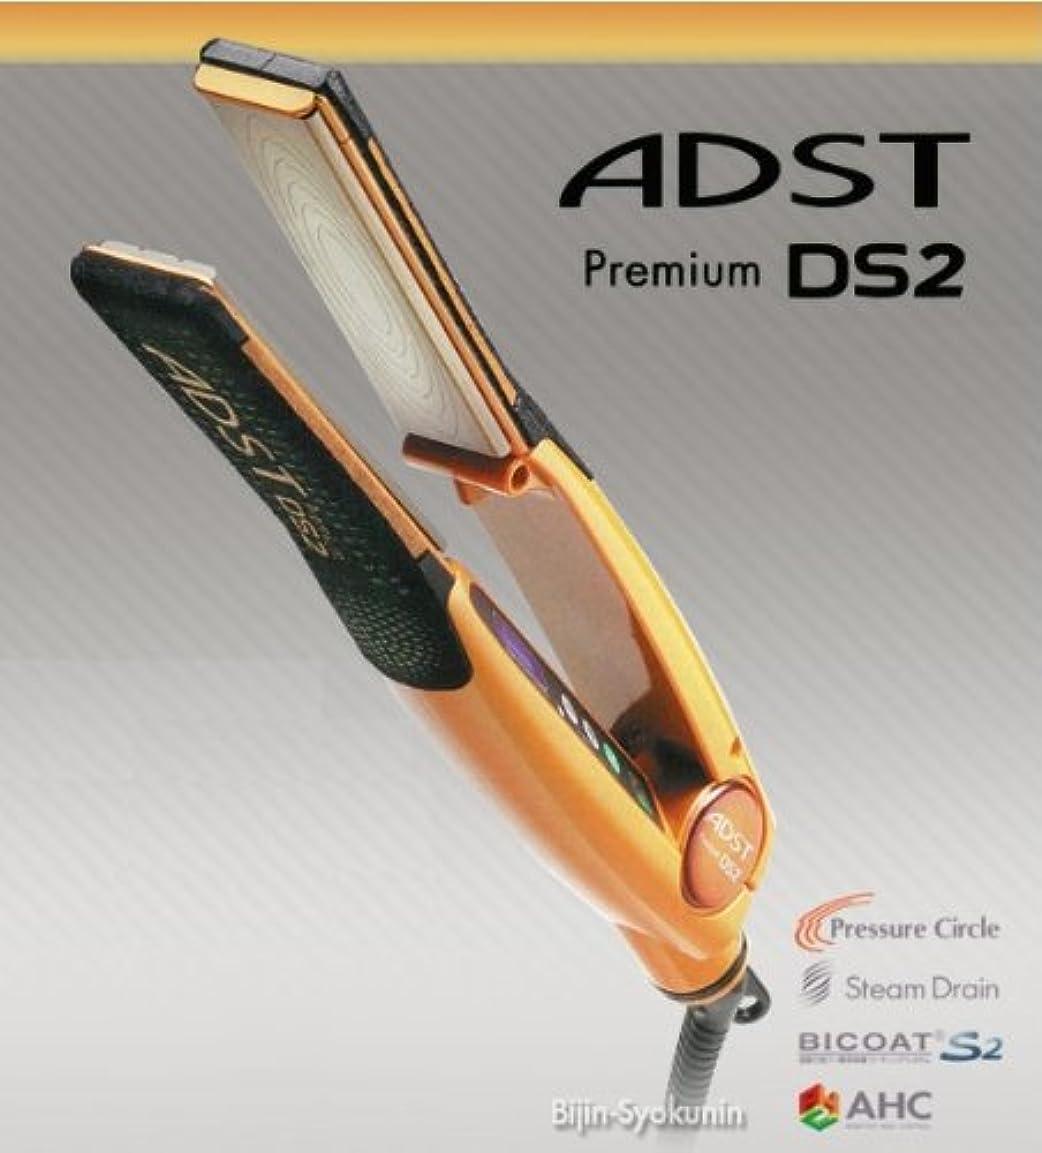 キュービック船員とてもADST Premium DS2 アドスト プレミアム DS2 ストレートアイロン